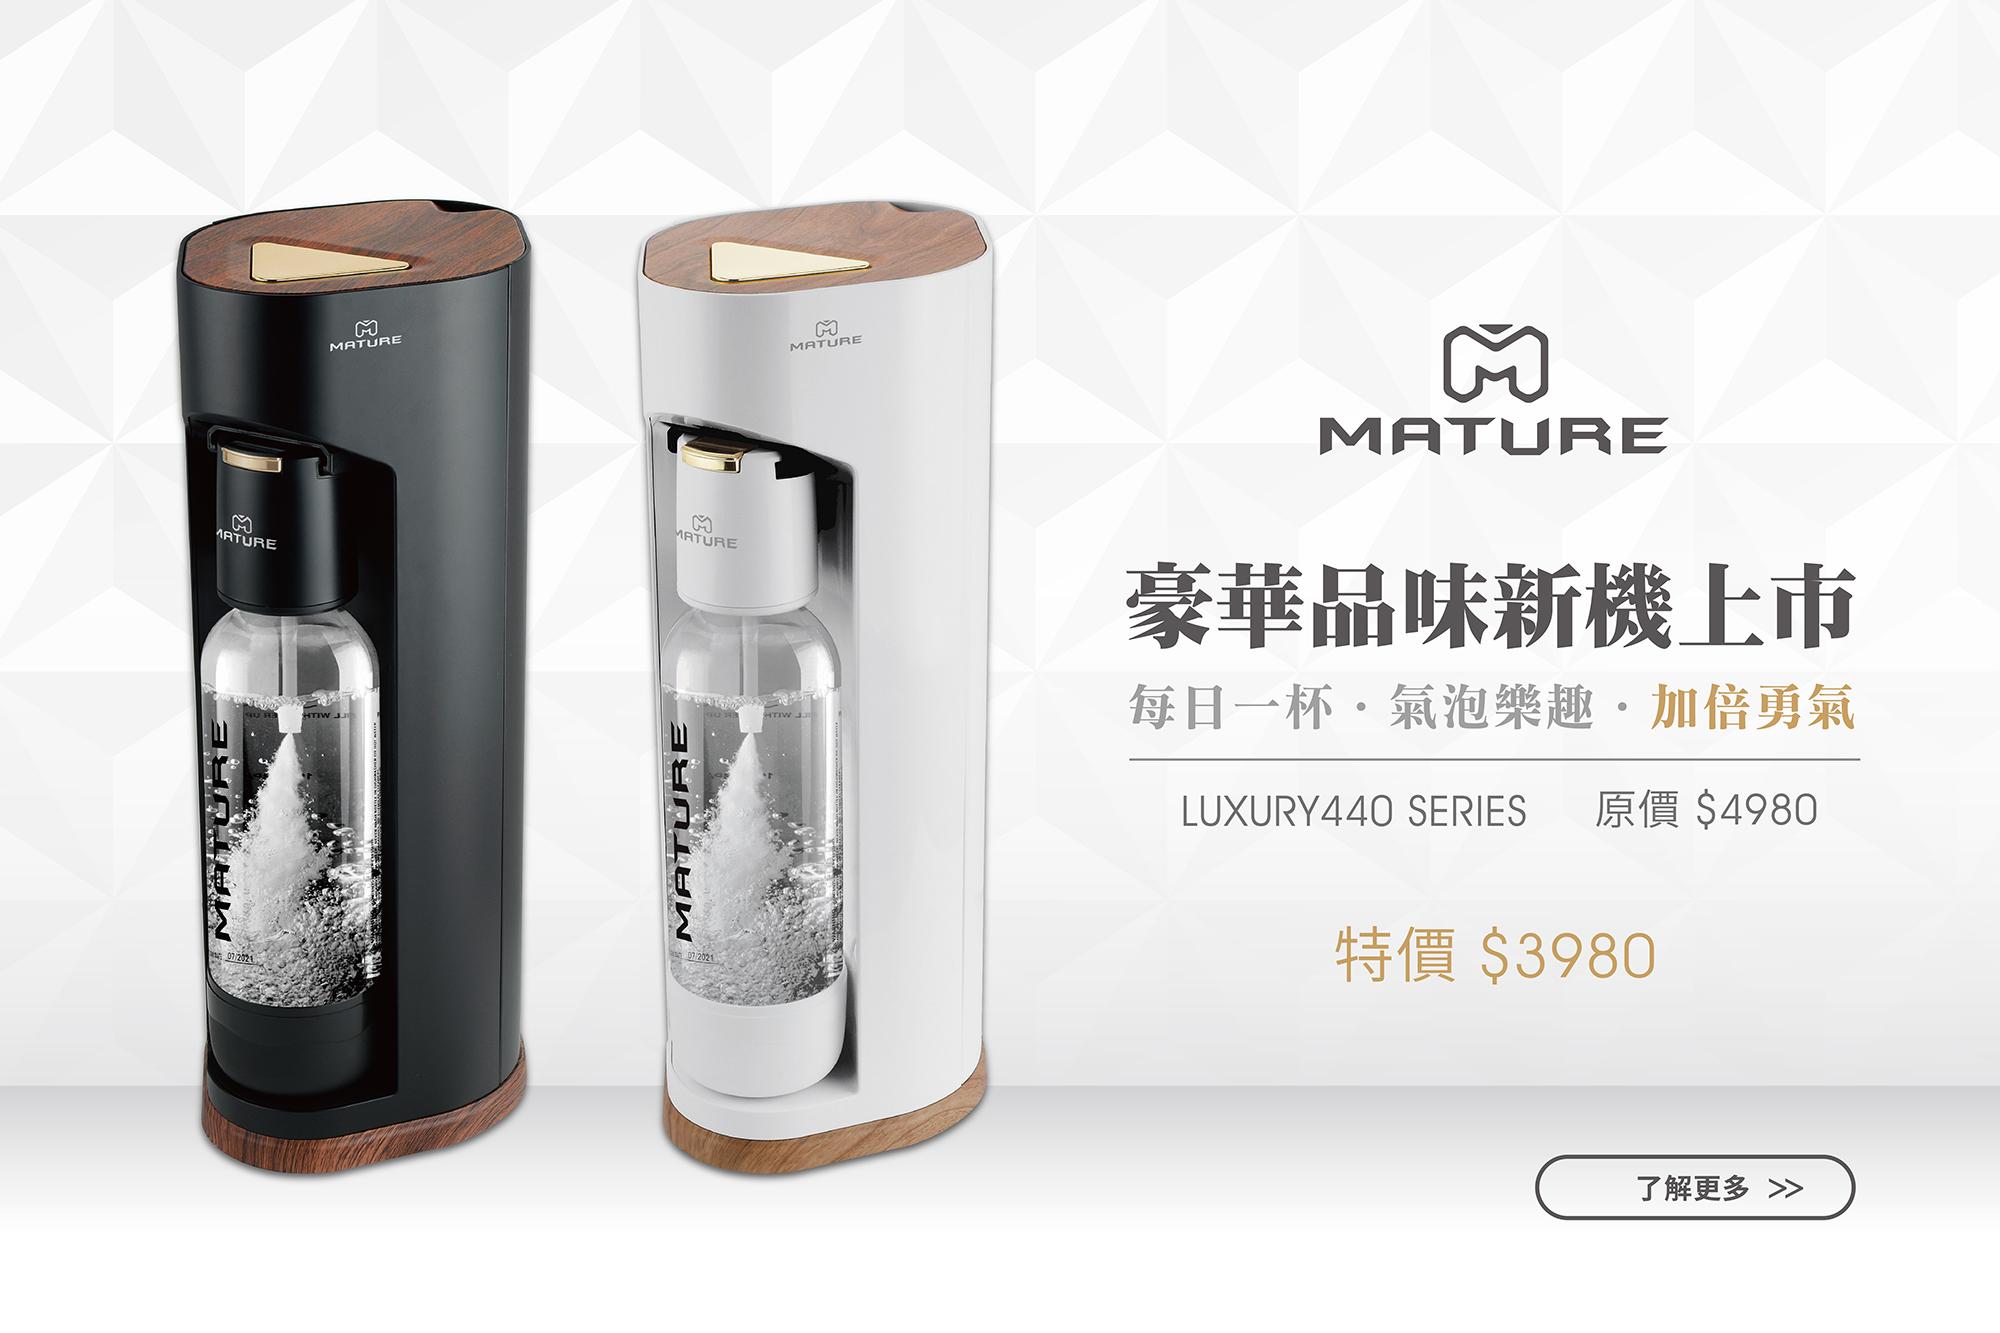 氣泡水, 喝水, 氣泡水機, LUXURY440系列,MATURE美萃, 自製飲料